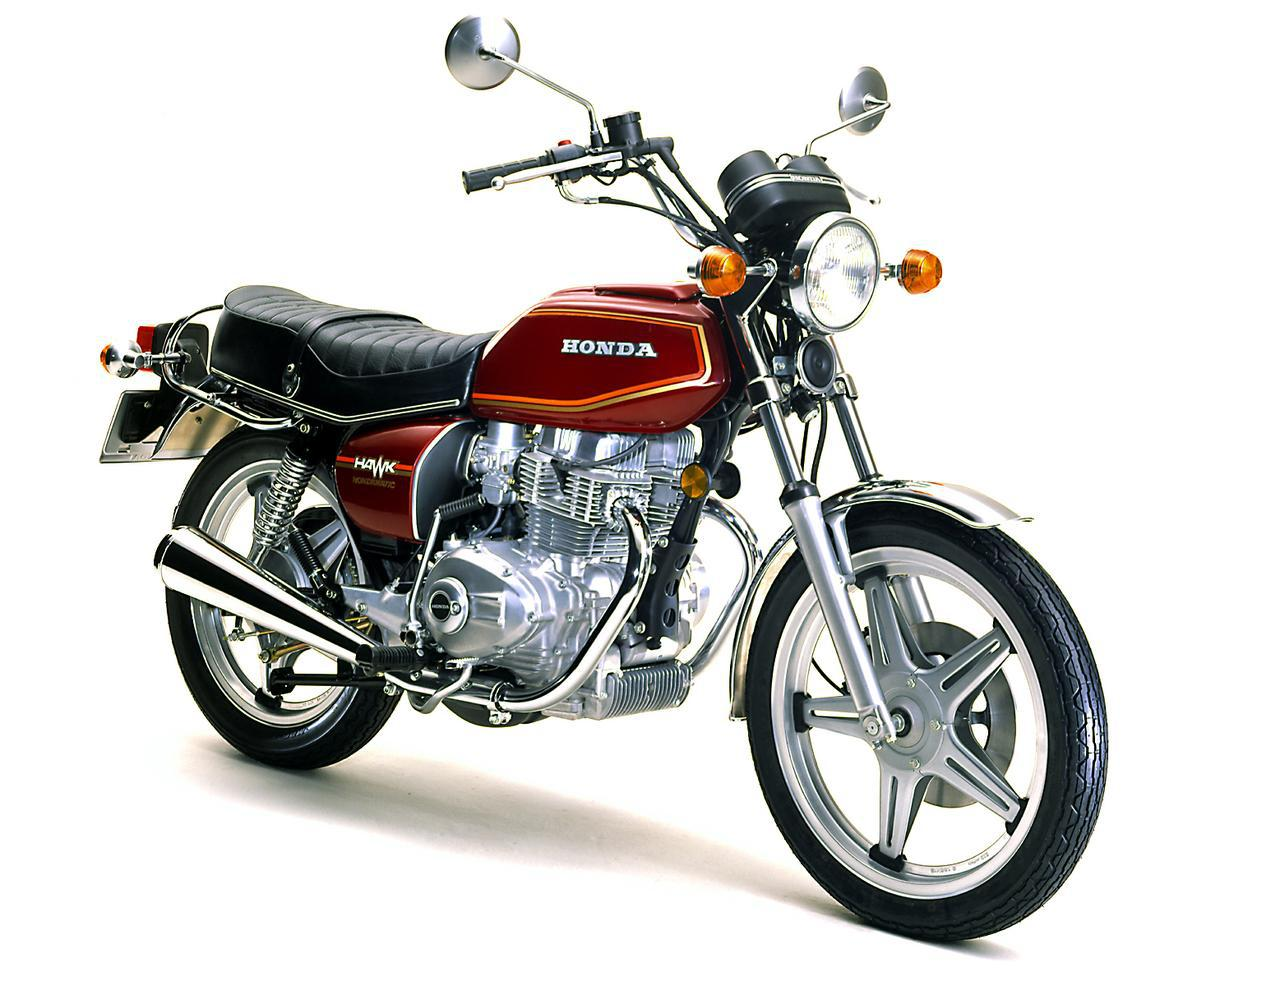 画像: 70年代のAT車 ホンダ「HAWK CB400T-AT〈HONDA MATIC〉」って知ってる? - webオートバイ